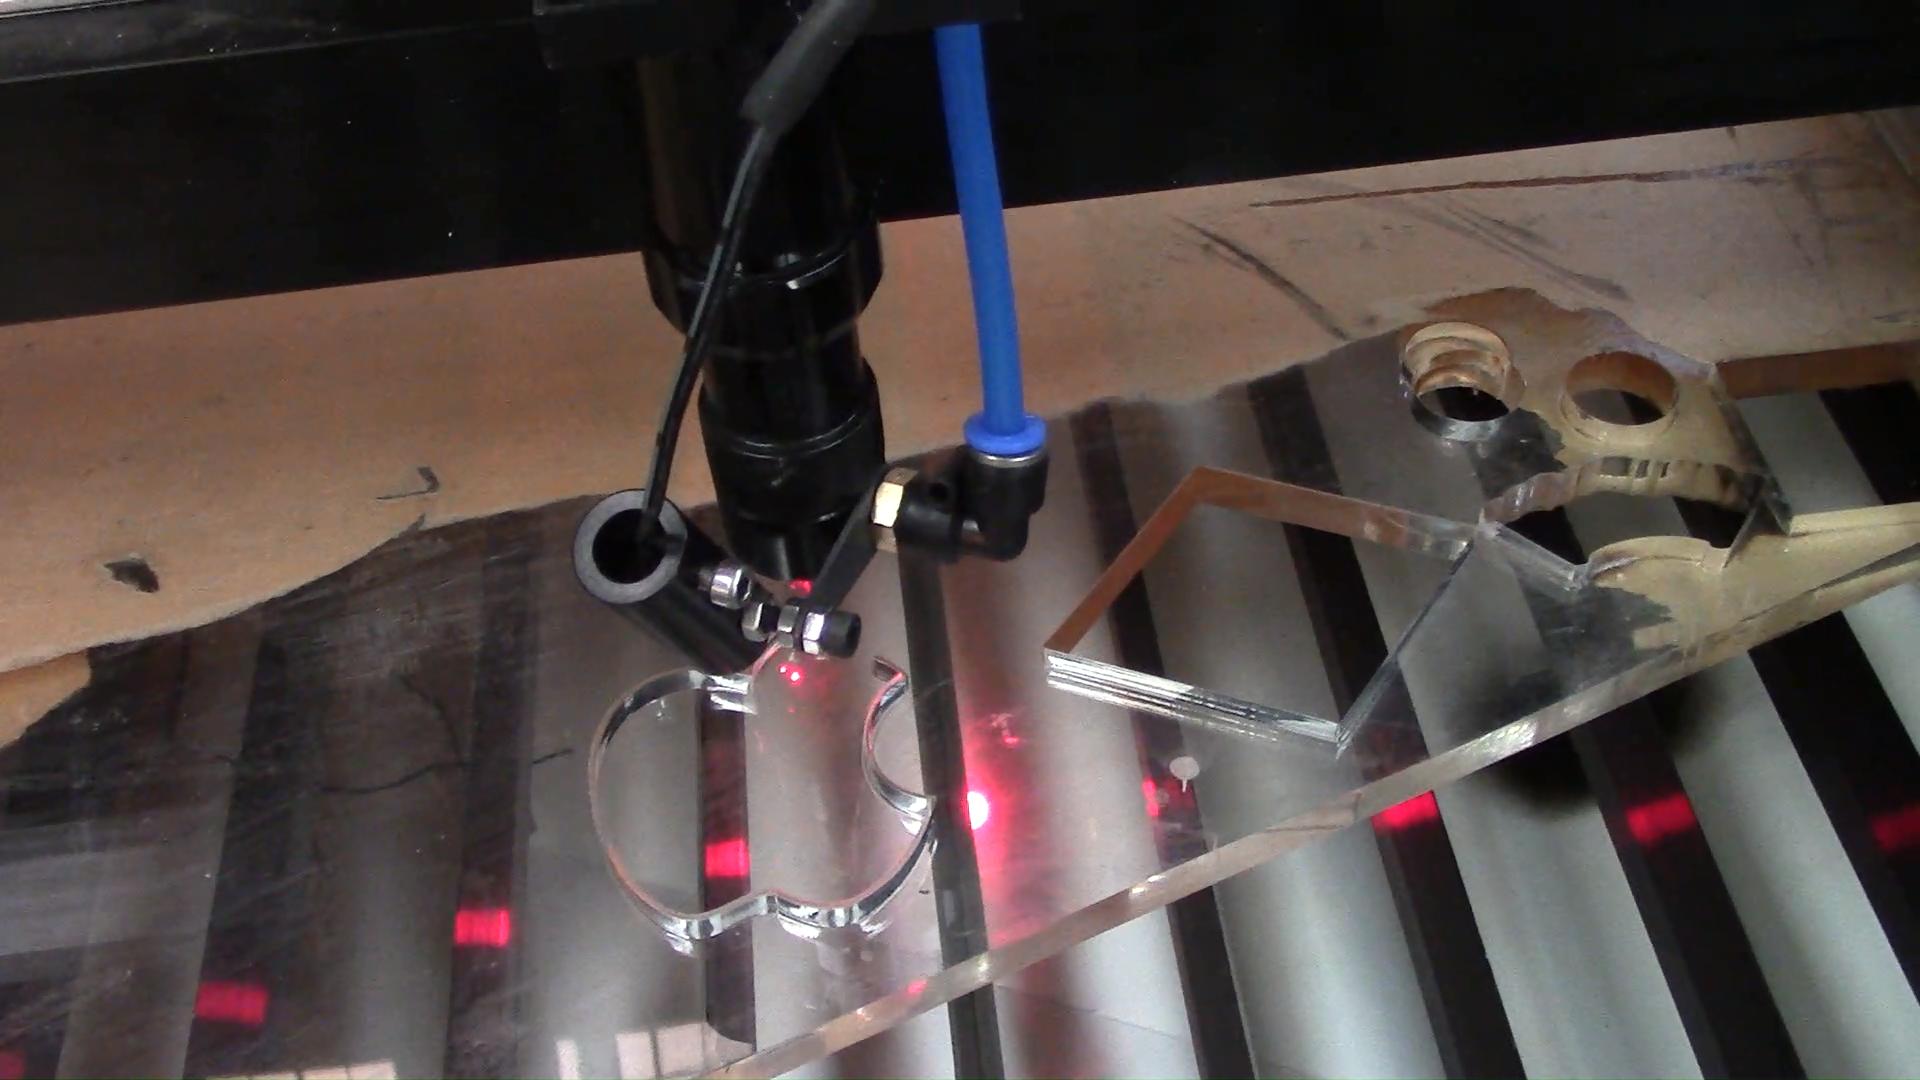 Laser Engraver Cutter 1080 90 W W2 Reci Ruida 6442 S Controller Ukuran Kerja 1000*800 untuk Kayu Akrilik kulit Kayu Lapis